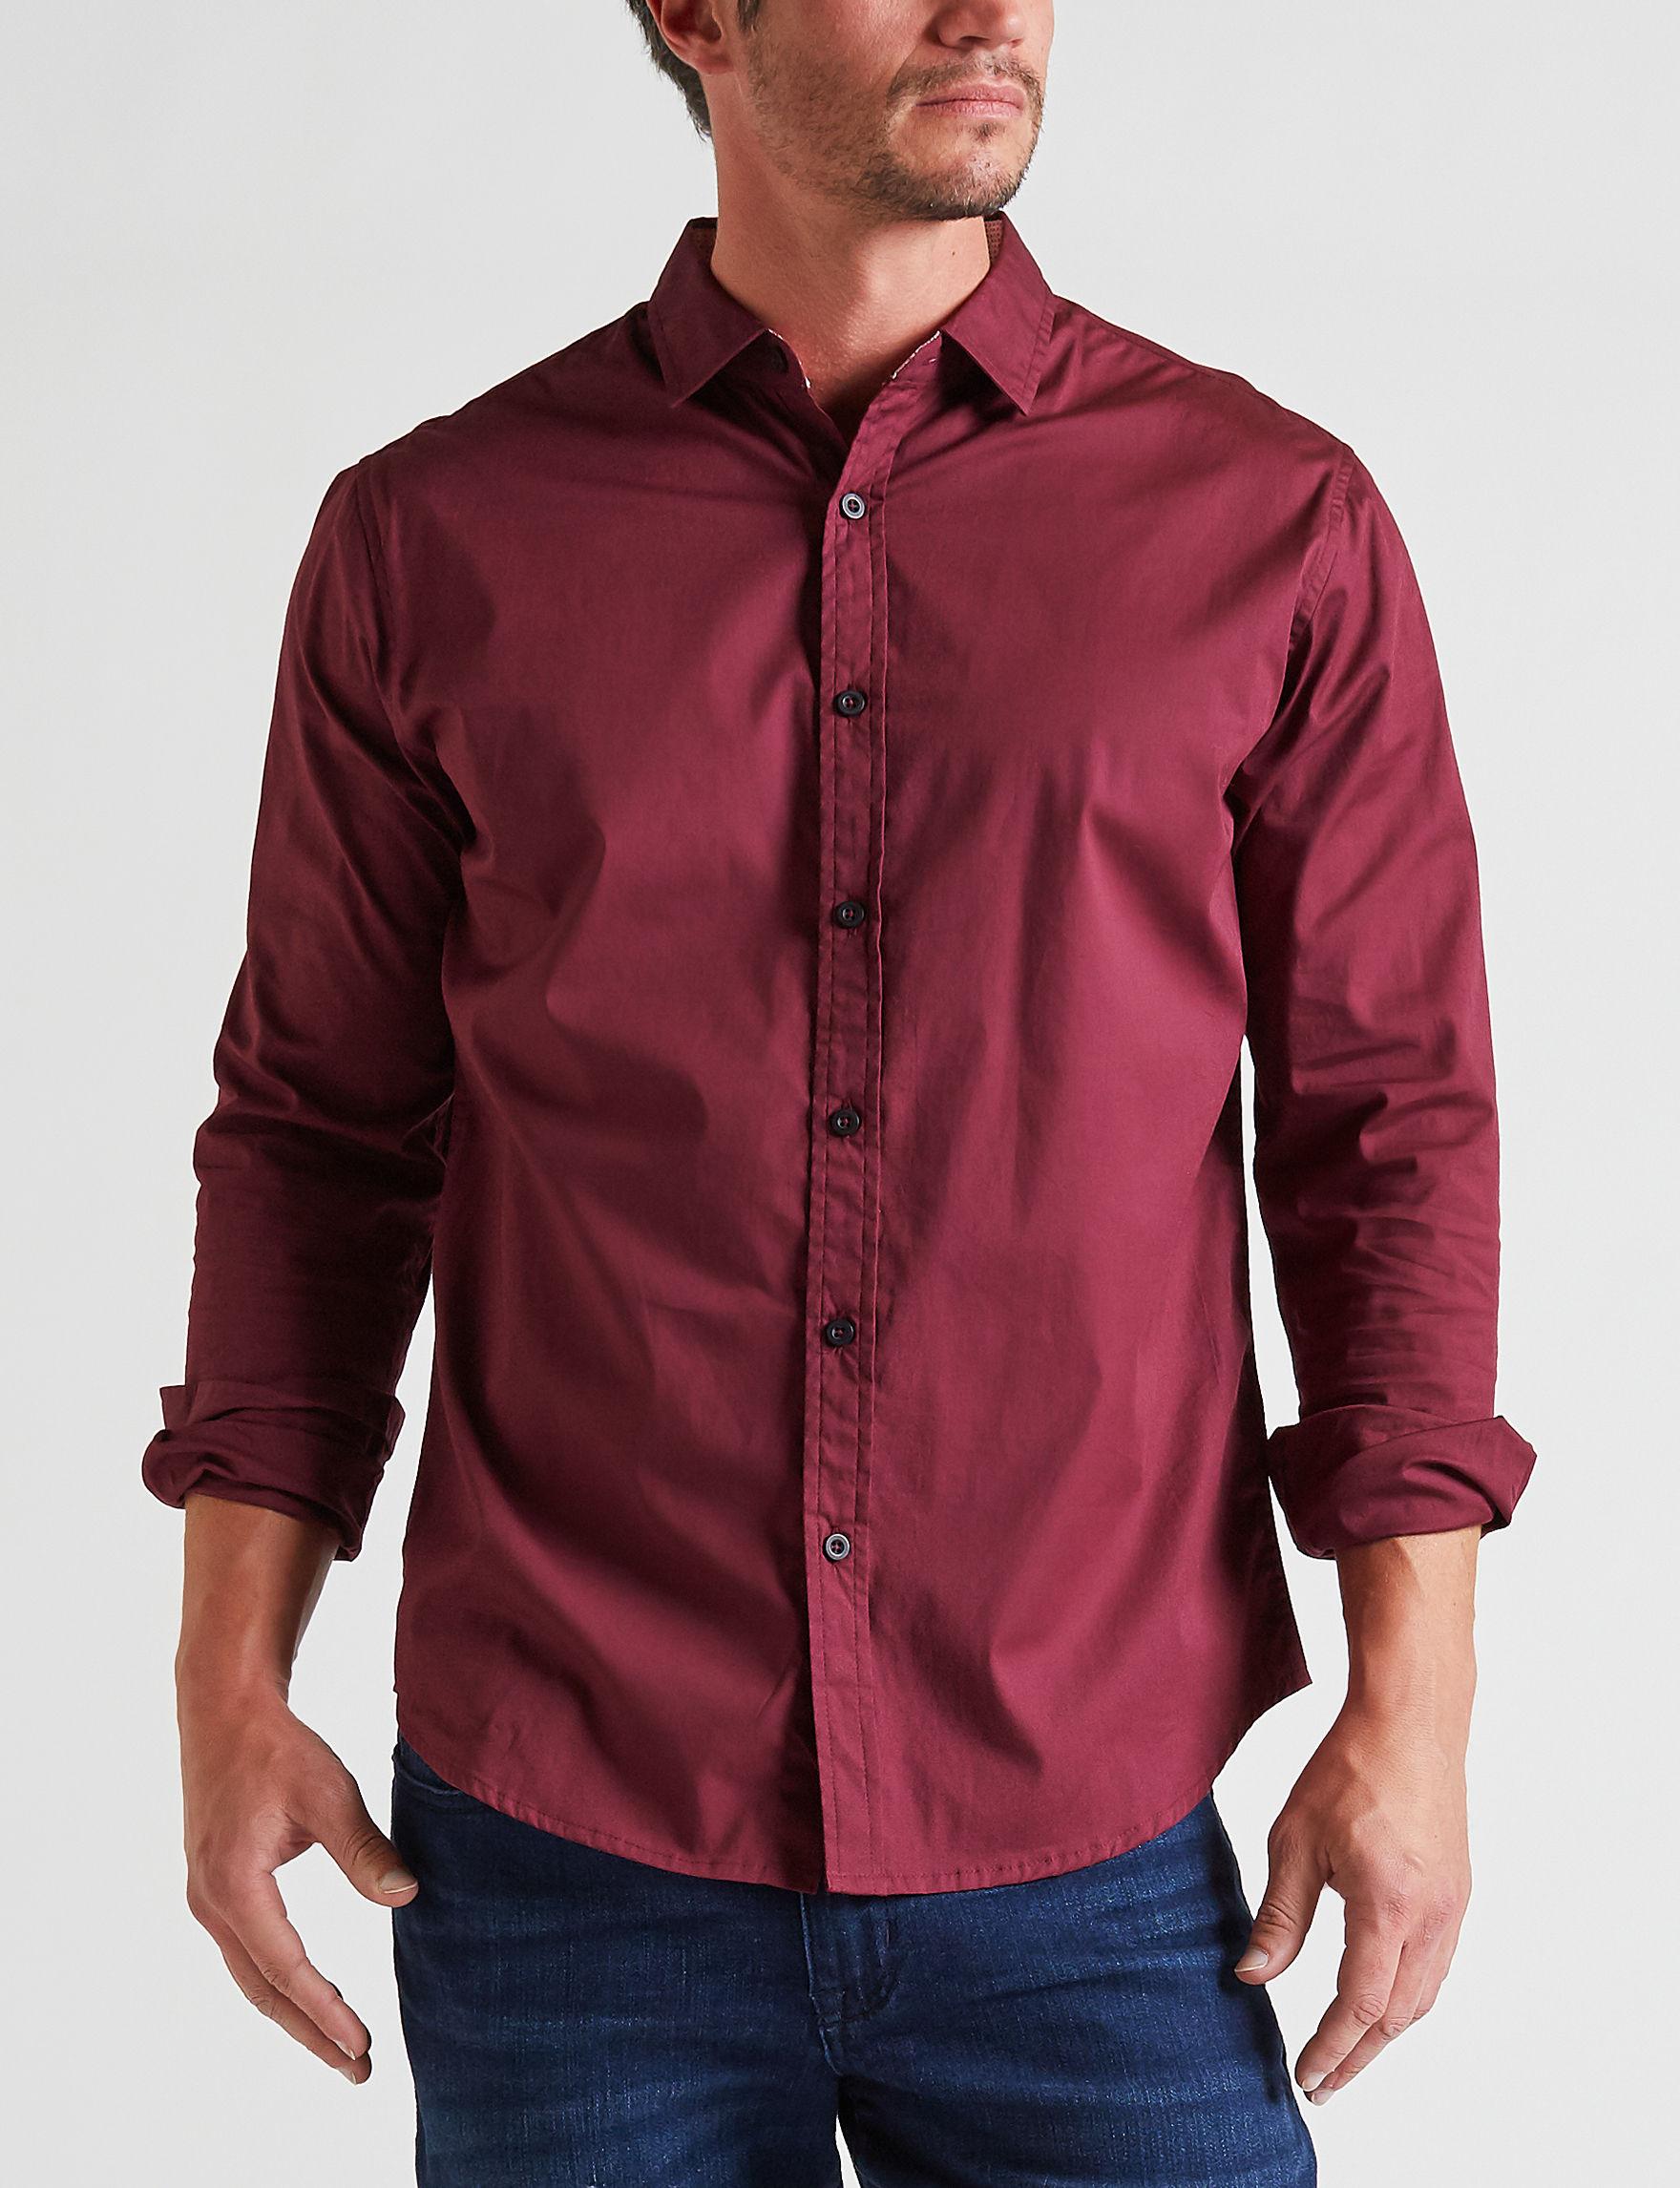 Signature Studio Wine Casual Button Down Shirts